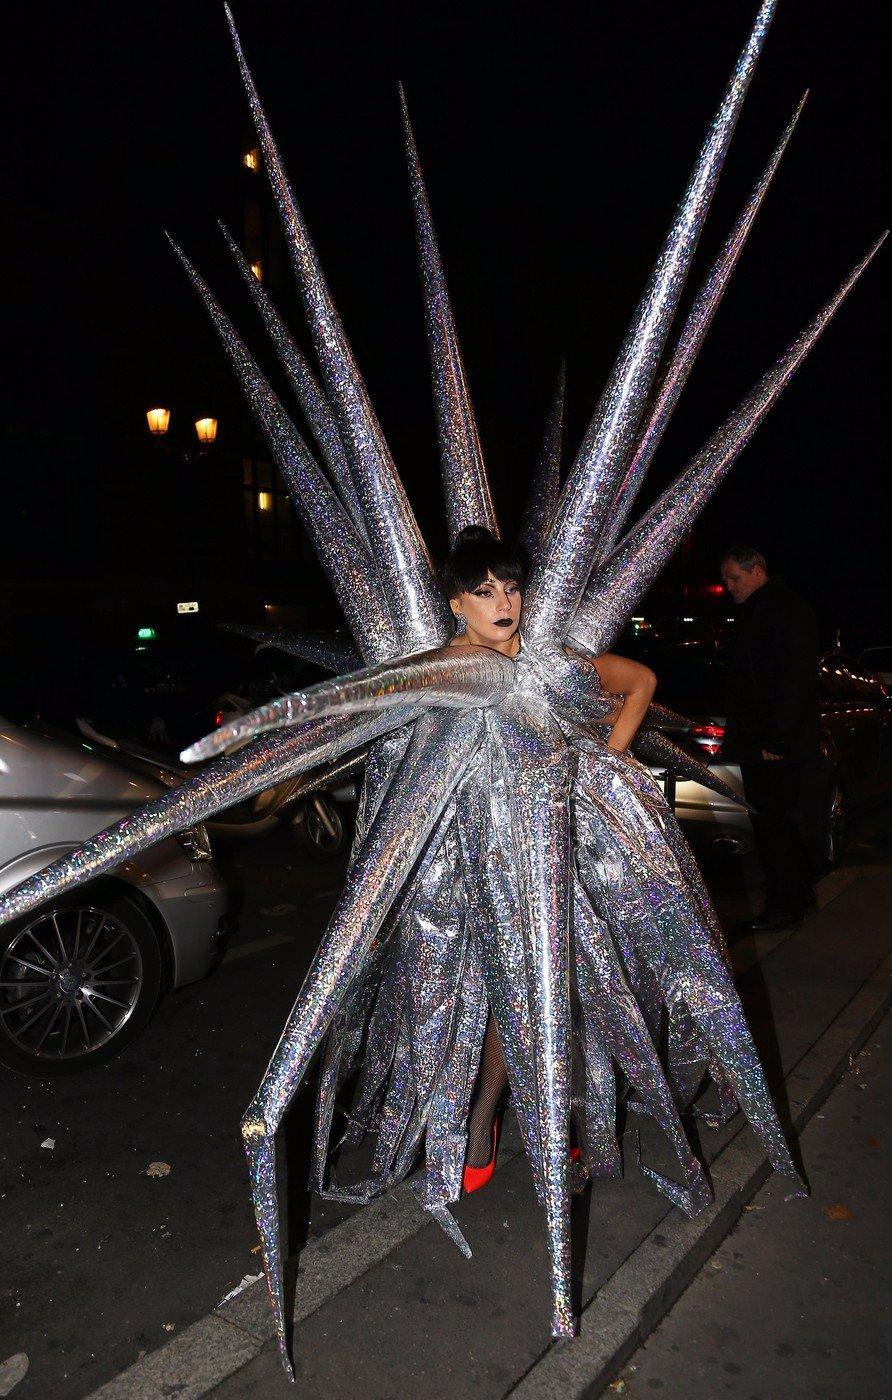 Lady Gaga už má fakt dost: Do Paříže přišla v převleku za vánoční hvězdu a obtěžovala ostatní svým kostýmem